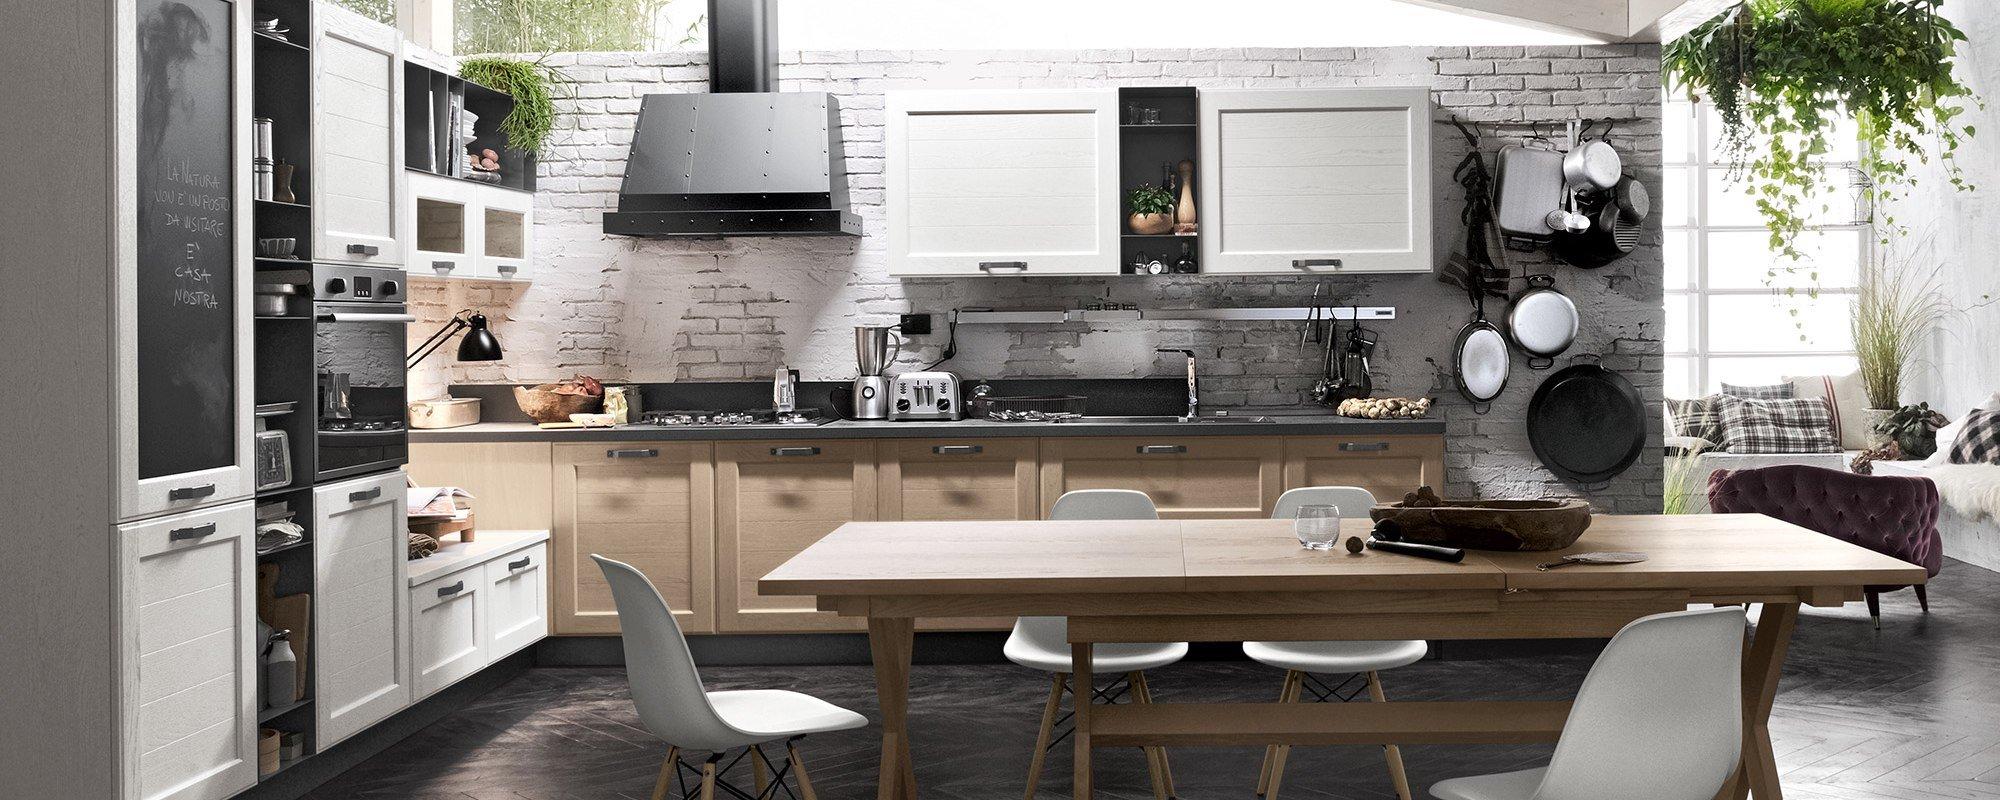 vista di una cucina moderna contemporanea stosa con tavolo e sedie - YORK